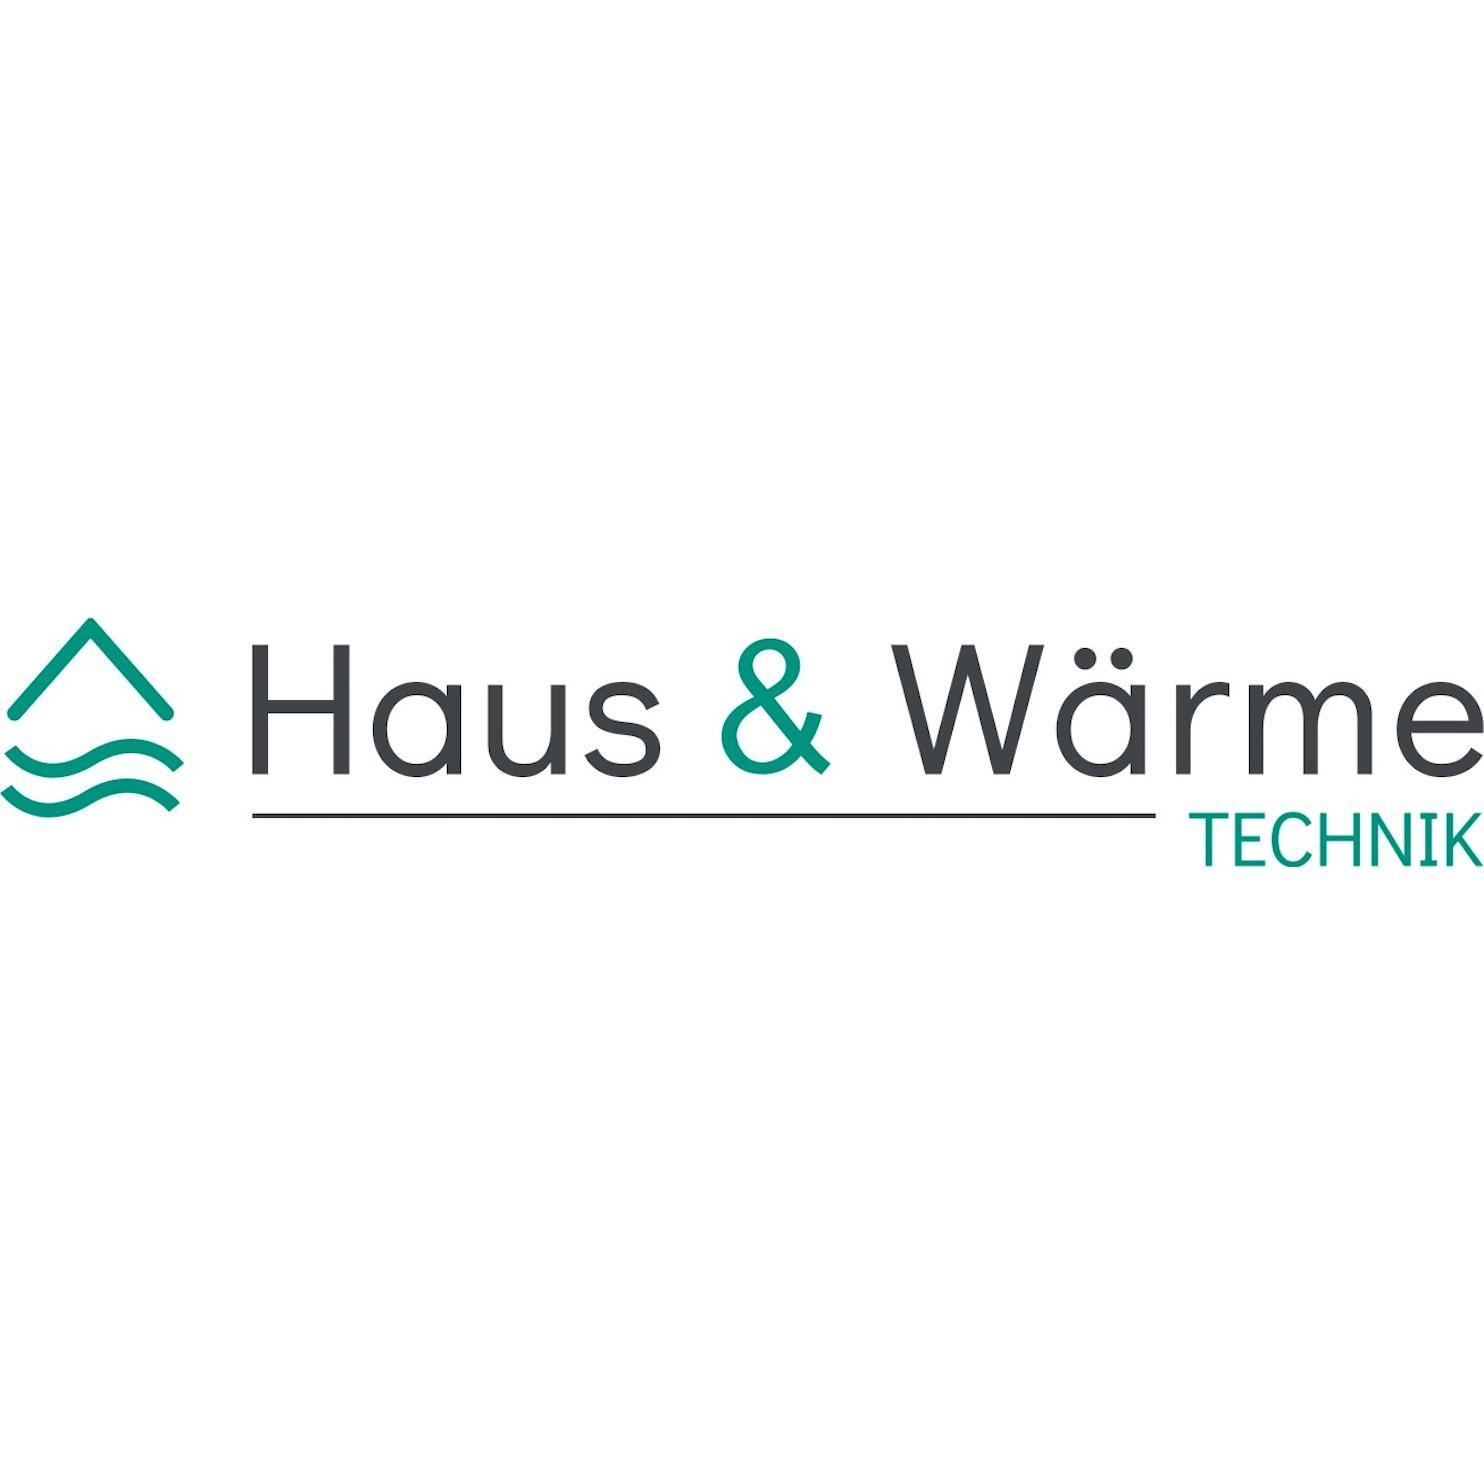 H&W Haustechnik GmbH - Haus & Wärme